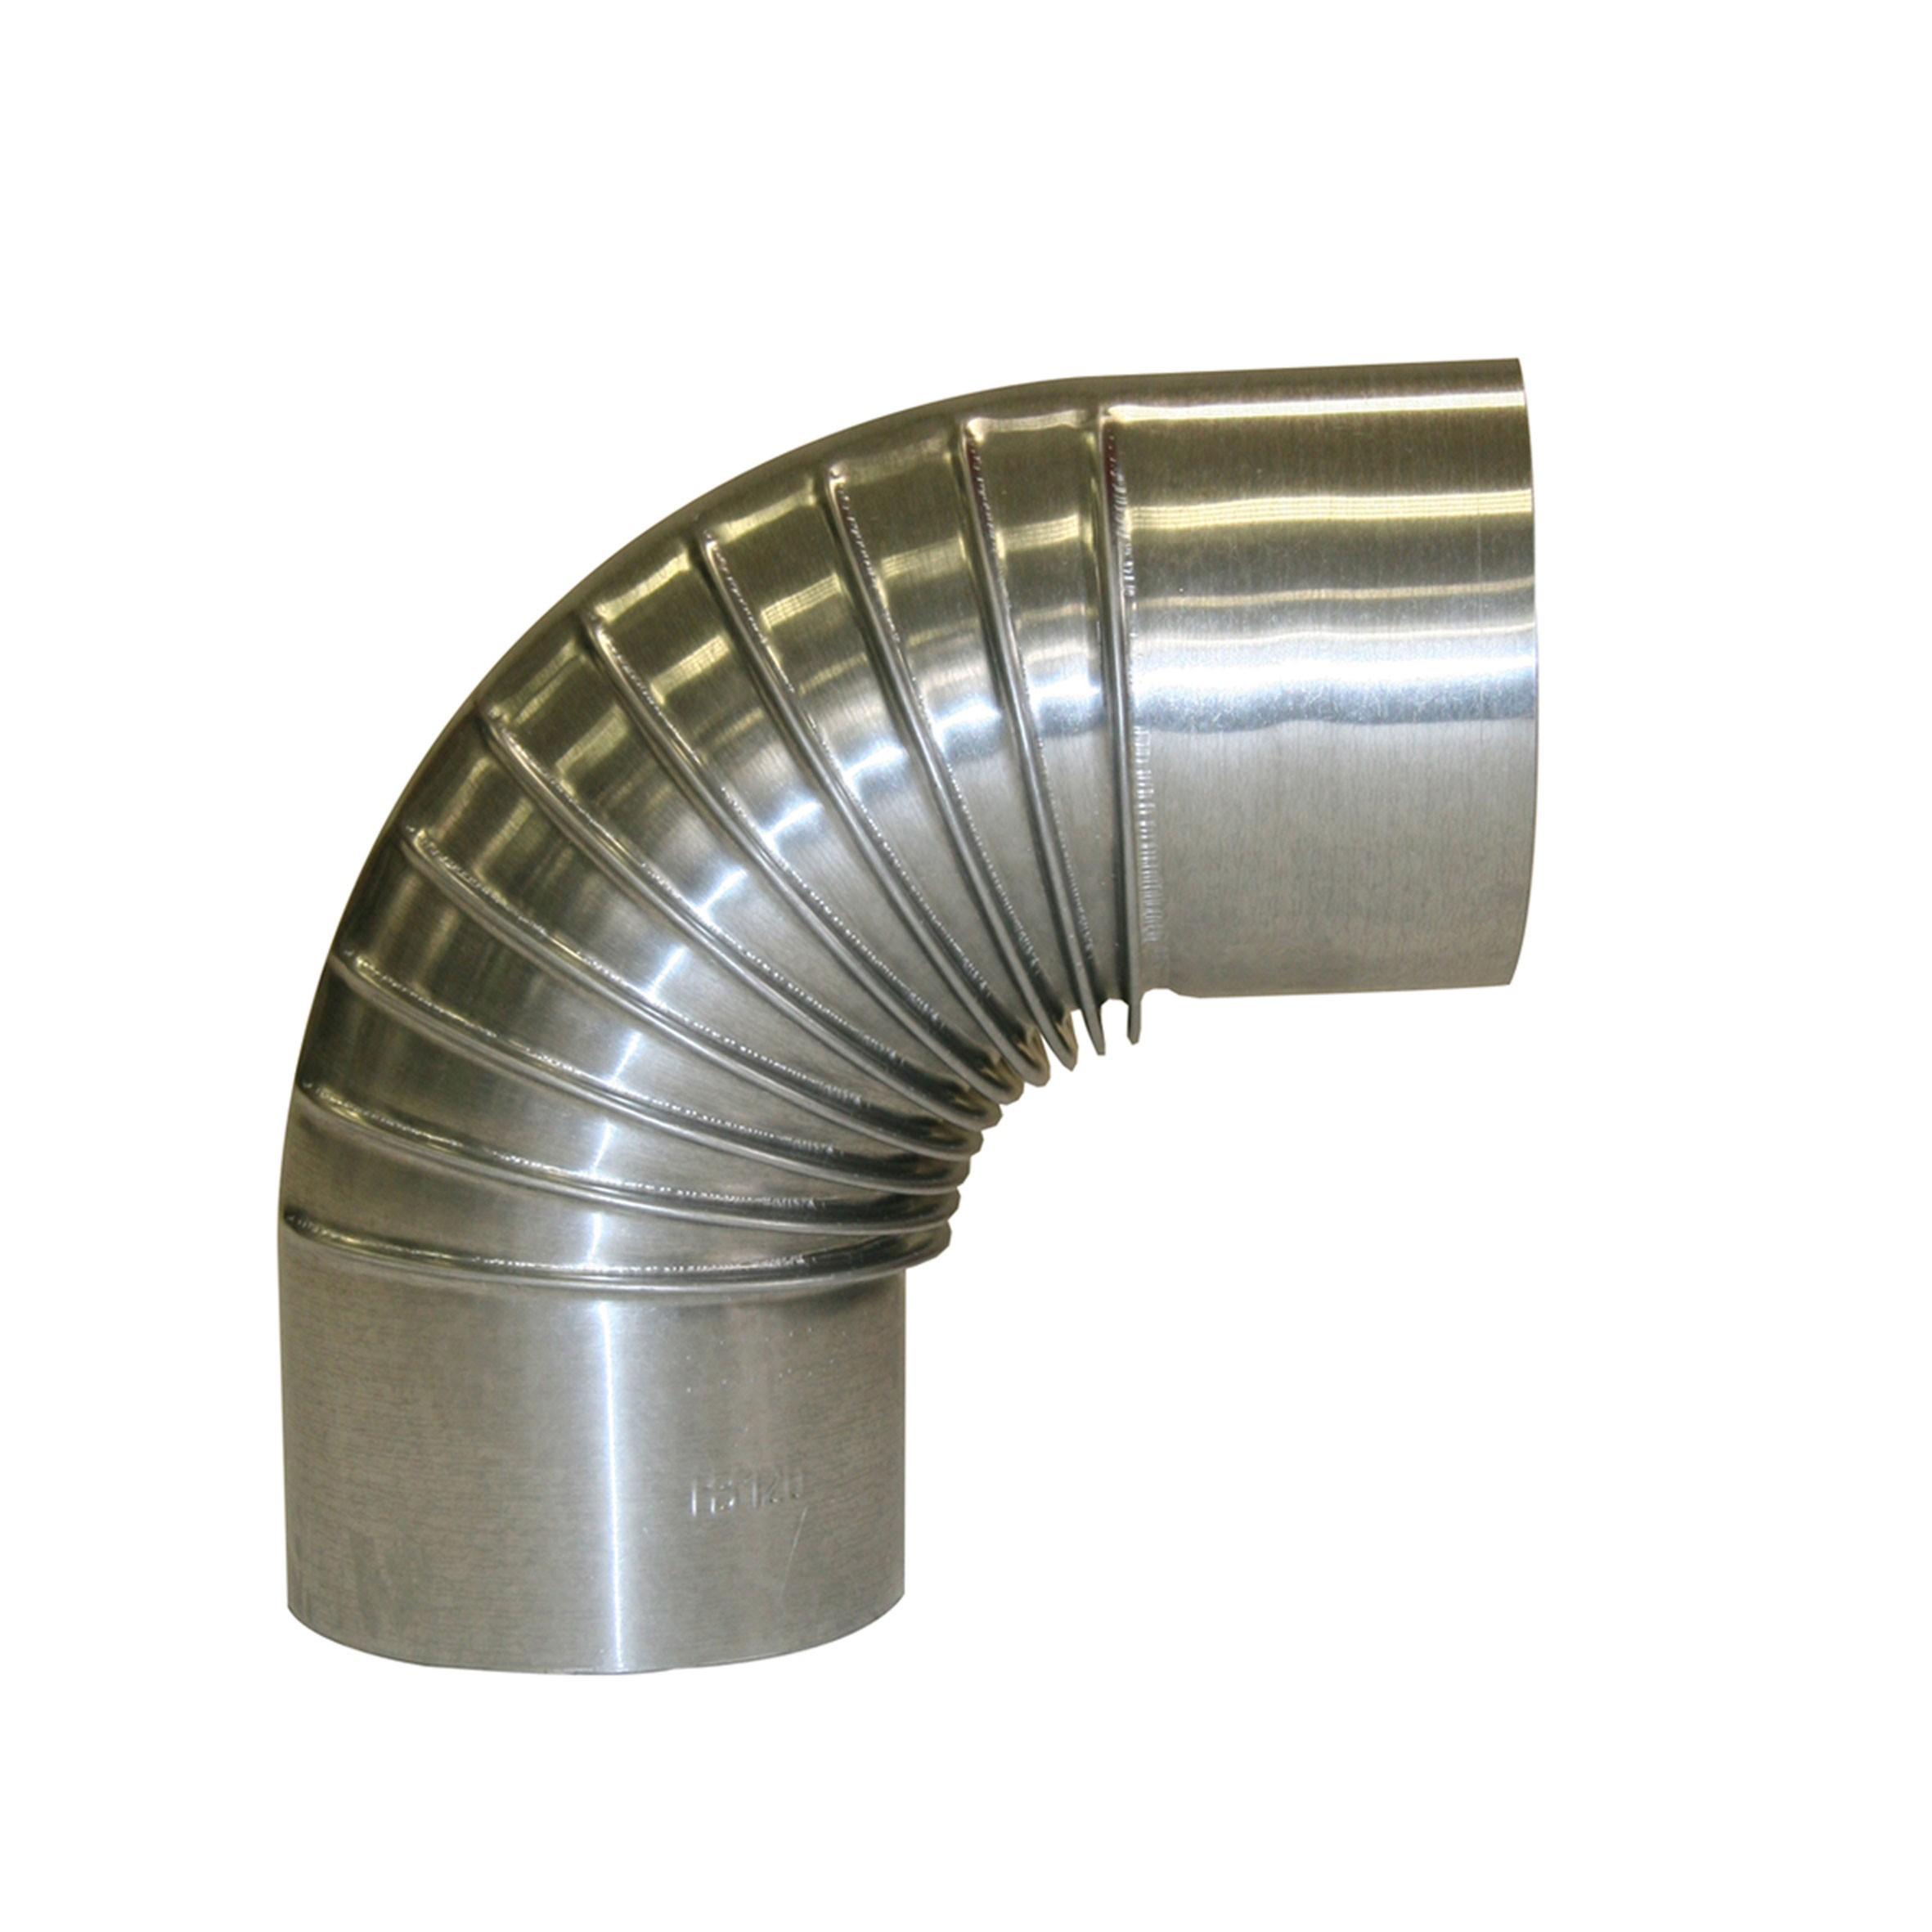 Ofenrohr / Rauchrohr KaminoFlam FAL Bogenknie 90° Ø120mm ohne Tür Bild 1